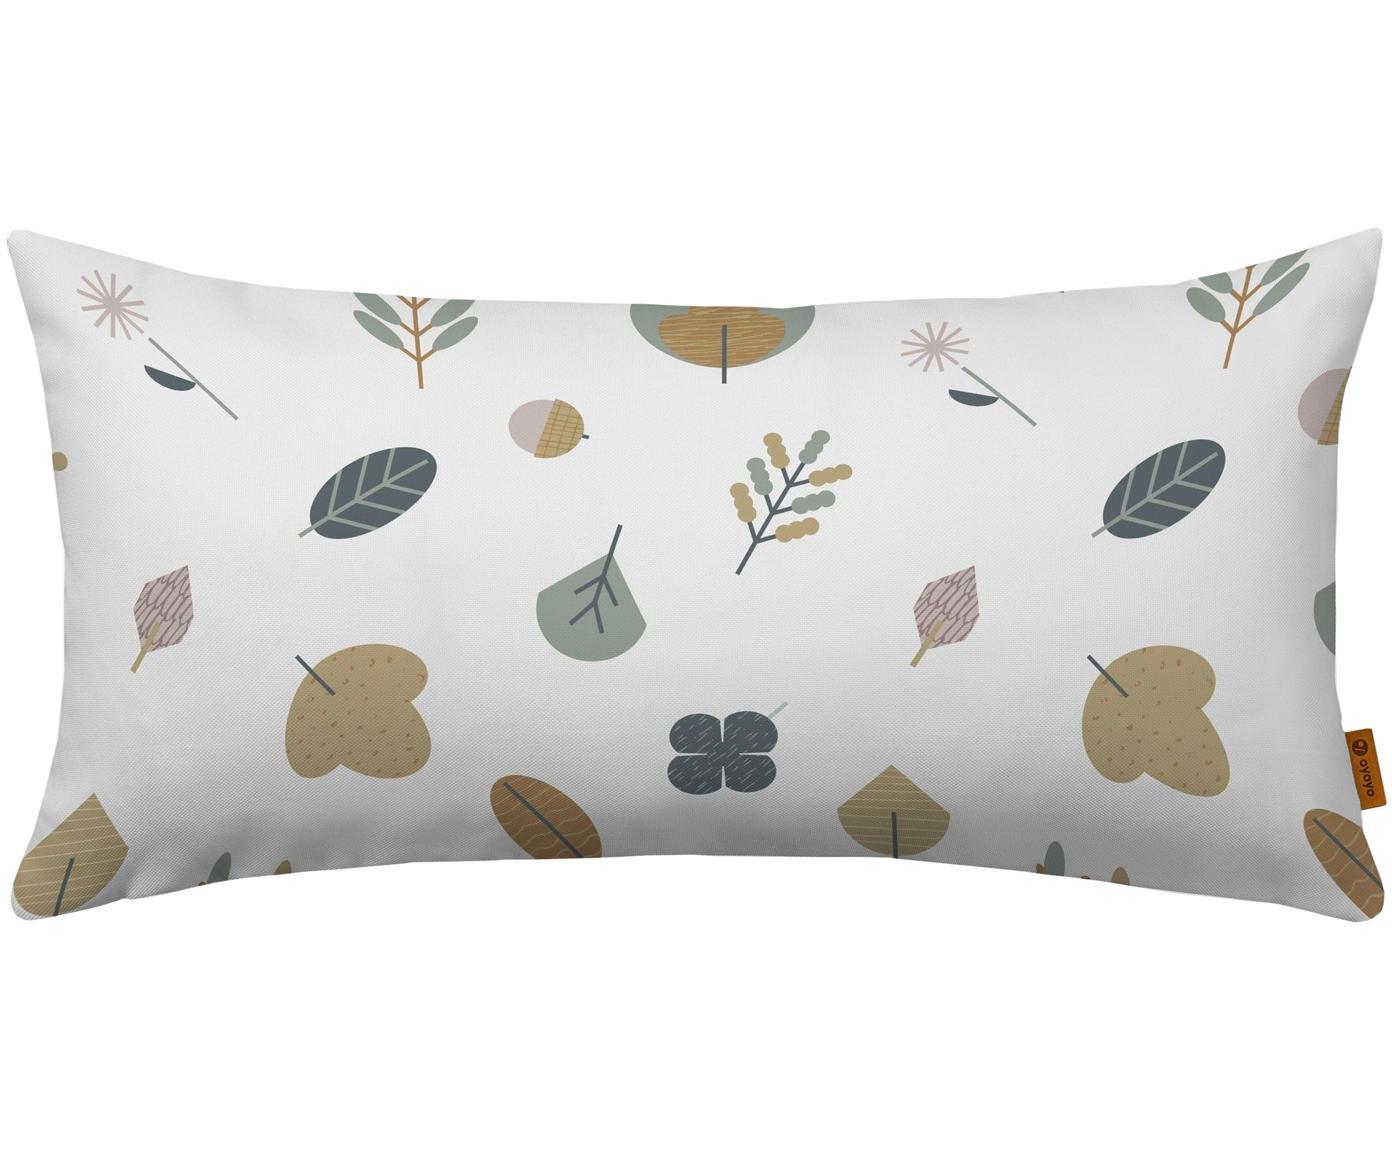 Poduszka Leaves, z wypełnieniem, Tapicerka: bawełna, Biały, wielobarwny, S 30 x D 60 cm